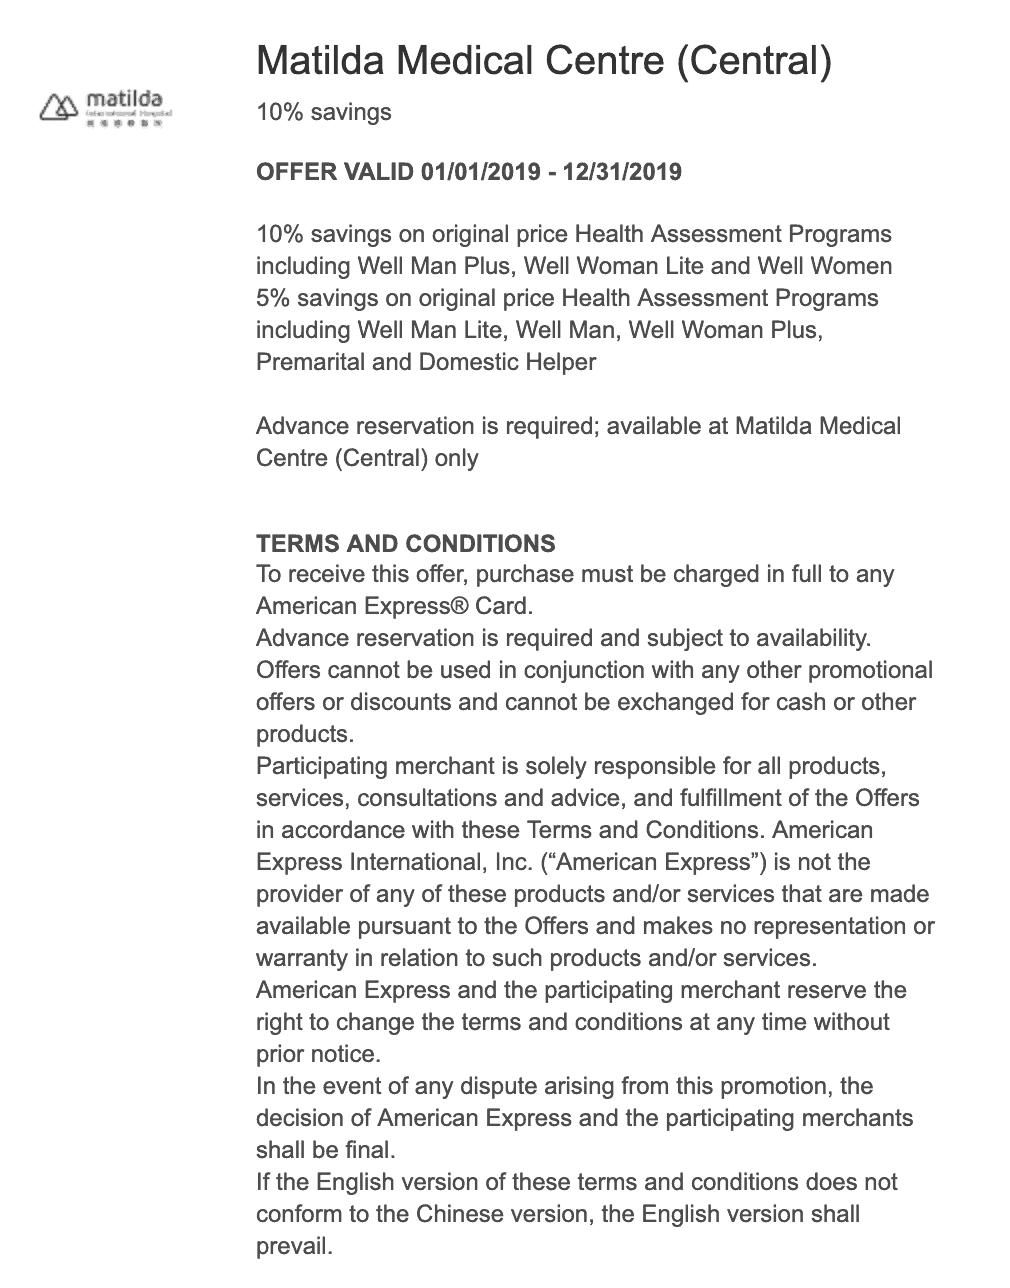 Ae 卡 明德醫療2019 年保健檢查有9 折優惠 Points852